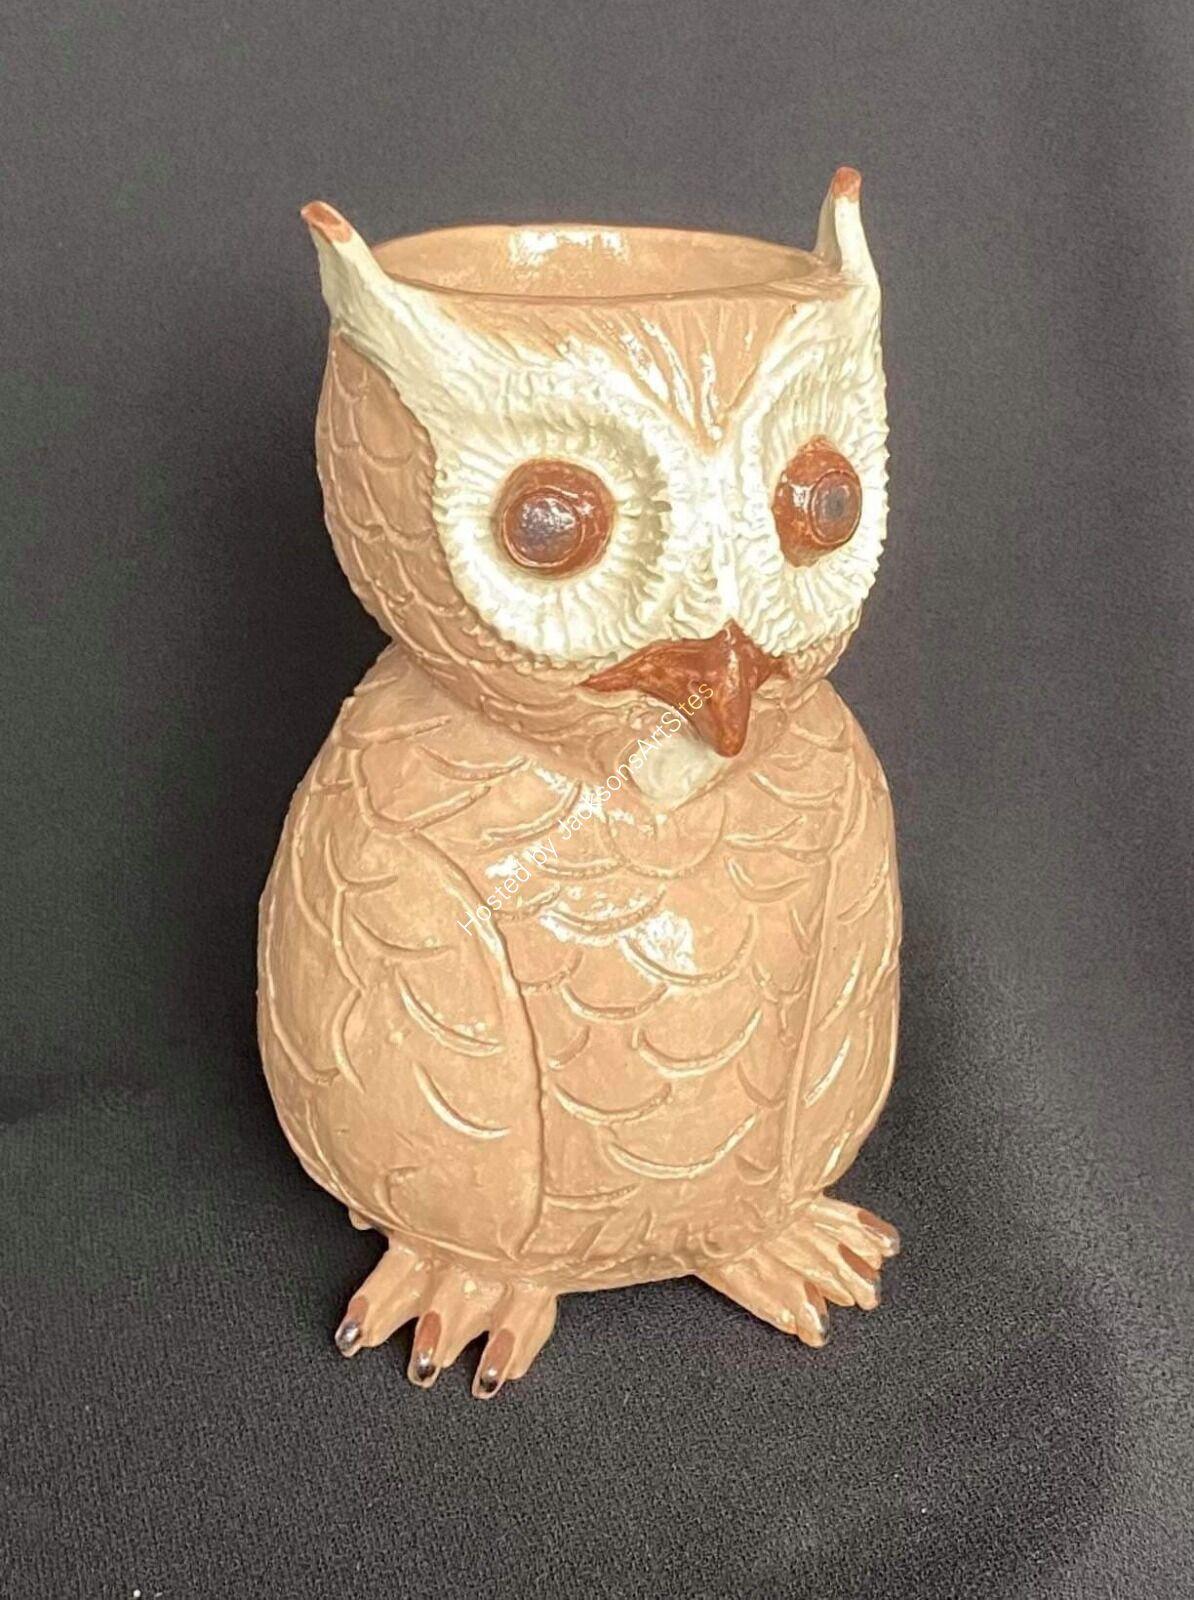 Wims Bird - Owl utensil holder